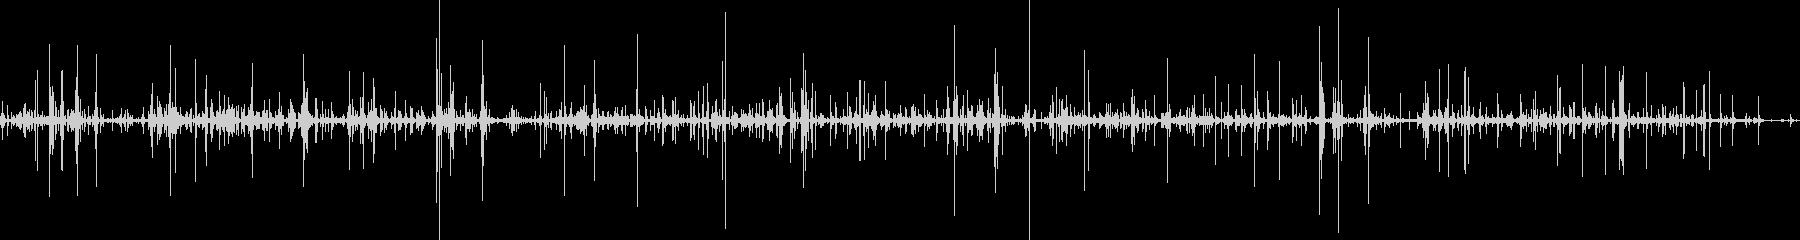 犬がカリカリのドッグフードを食べる音の未再生の波形